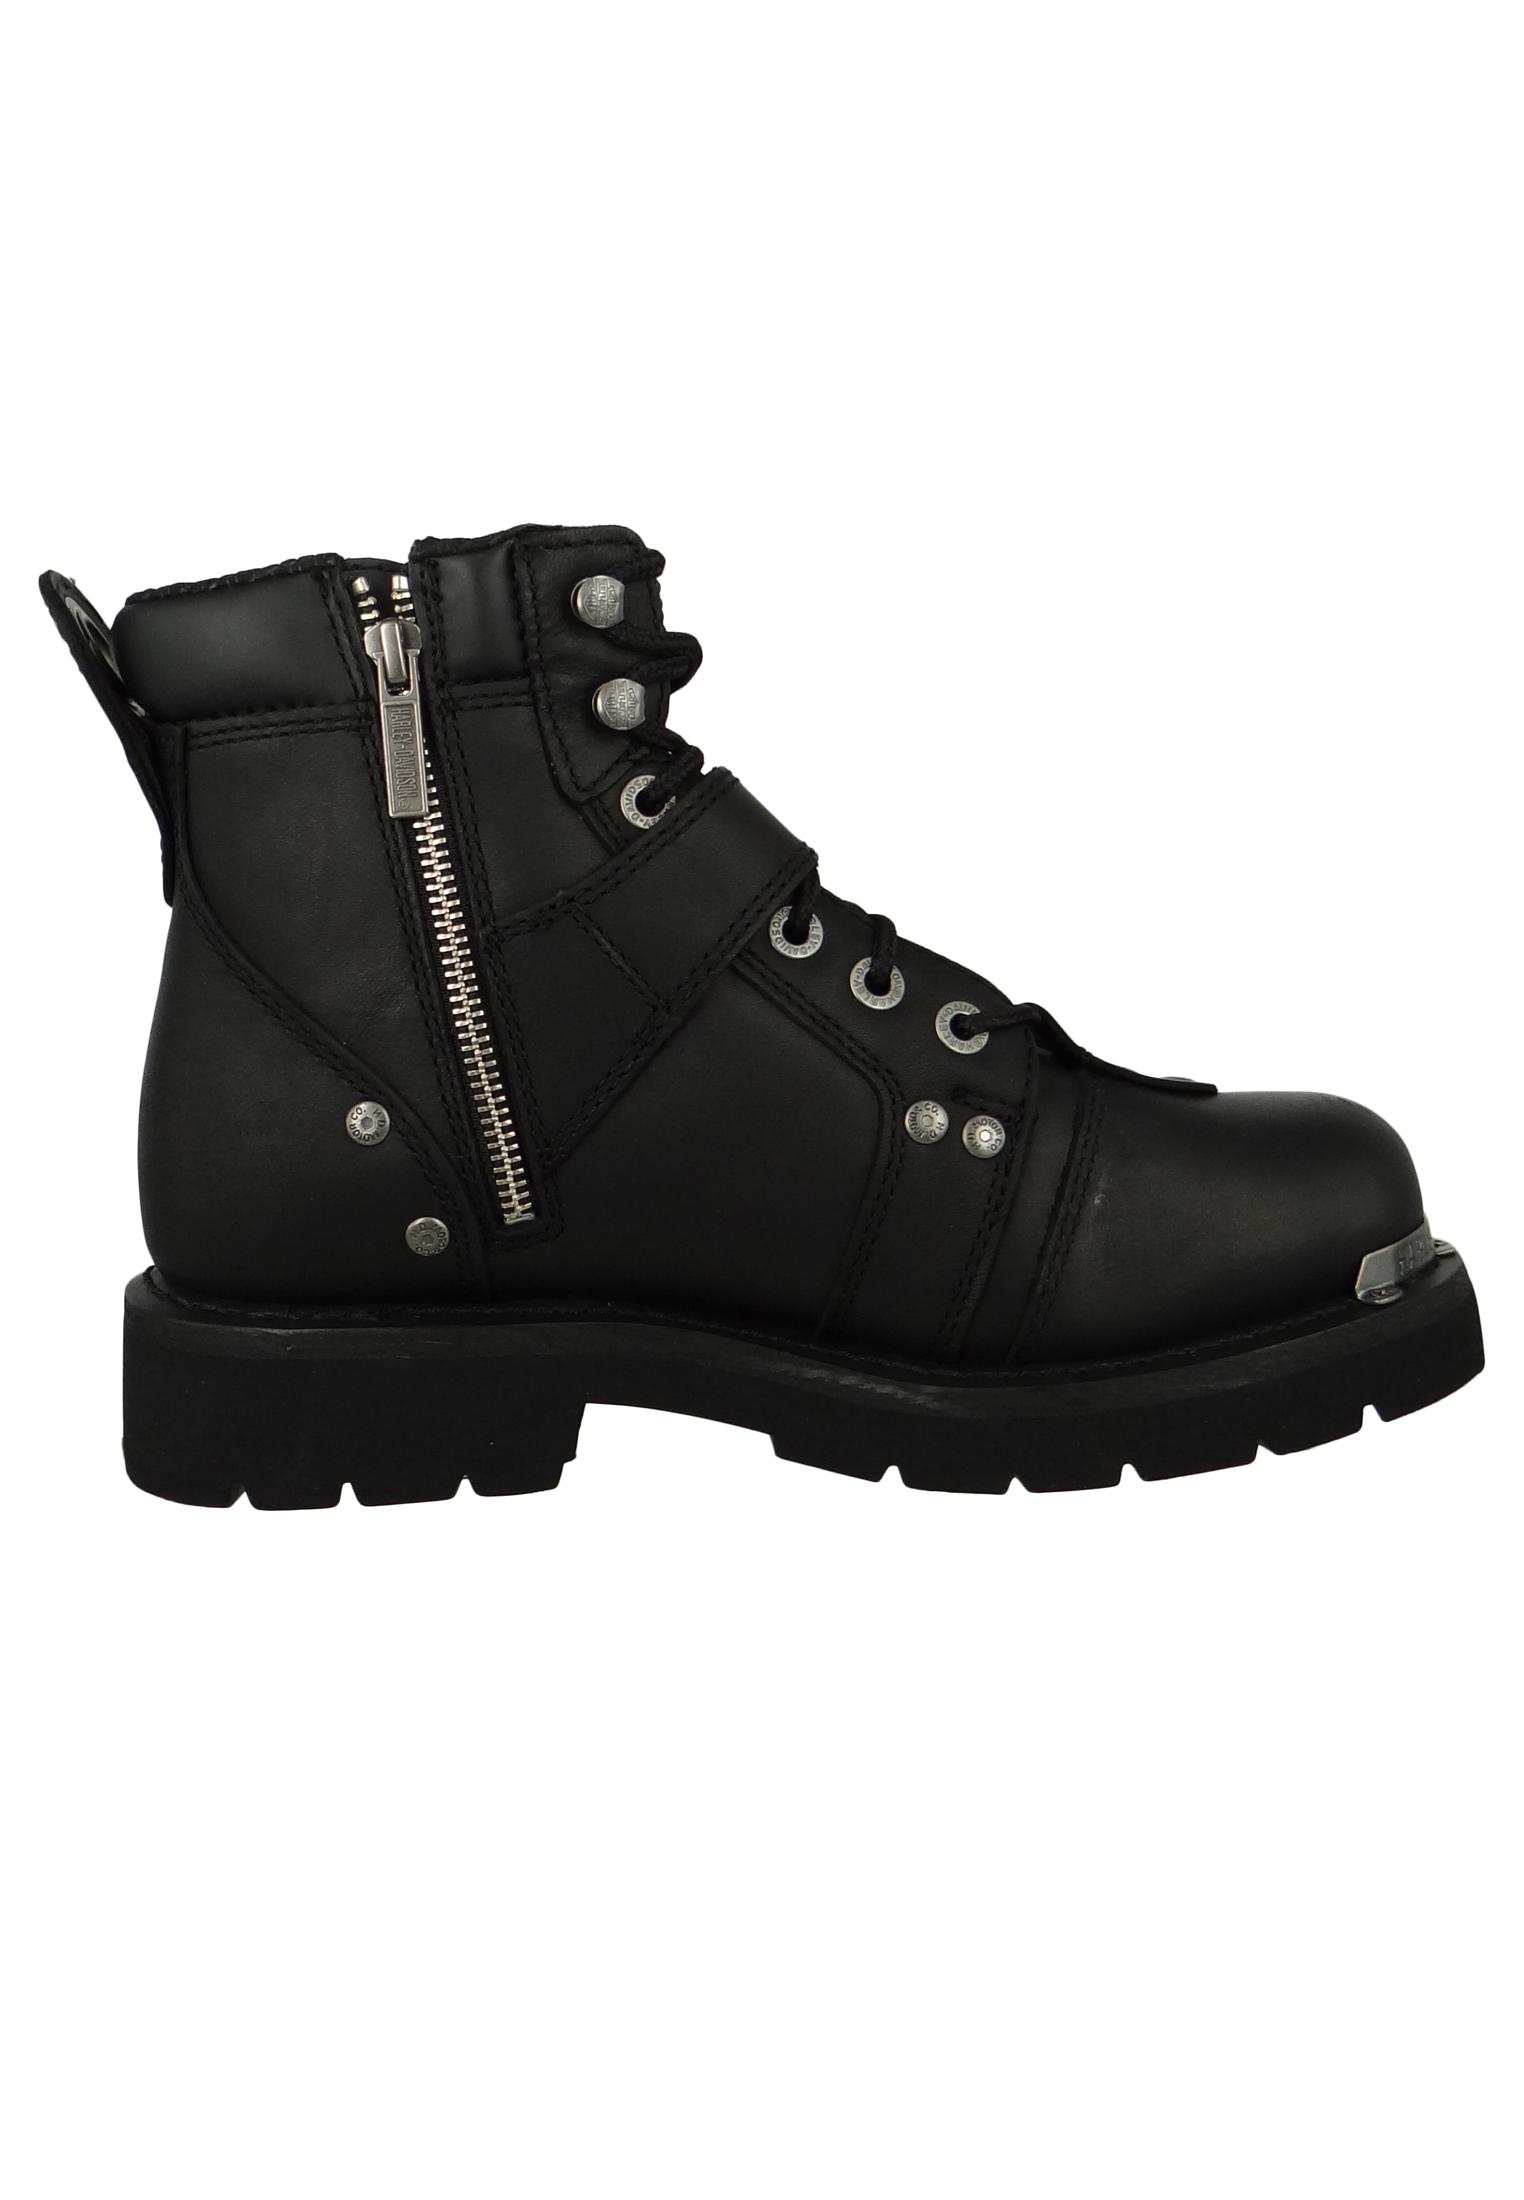 harley davidson biker boots d91684 brake buckle. Black Bedroom Furniture Sets. Home Design Ideas